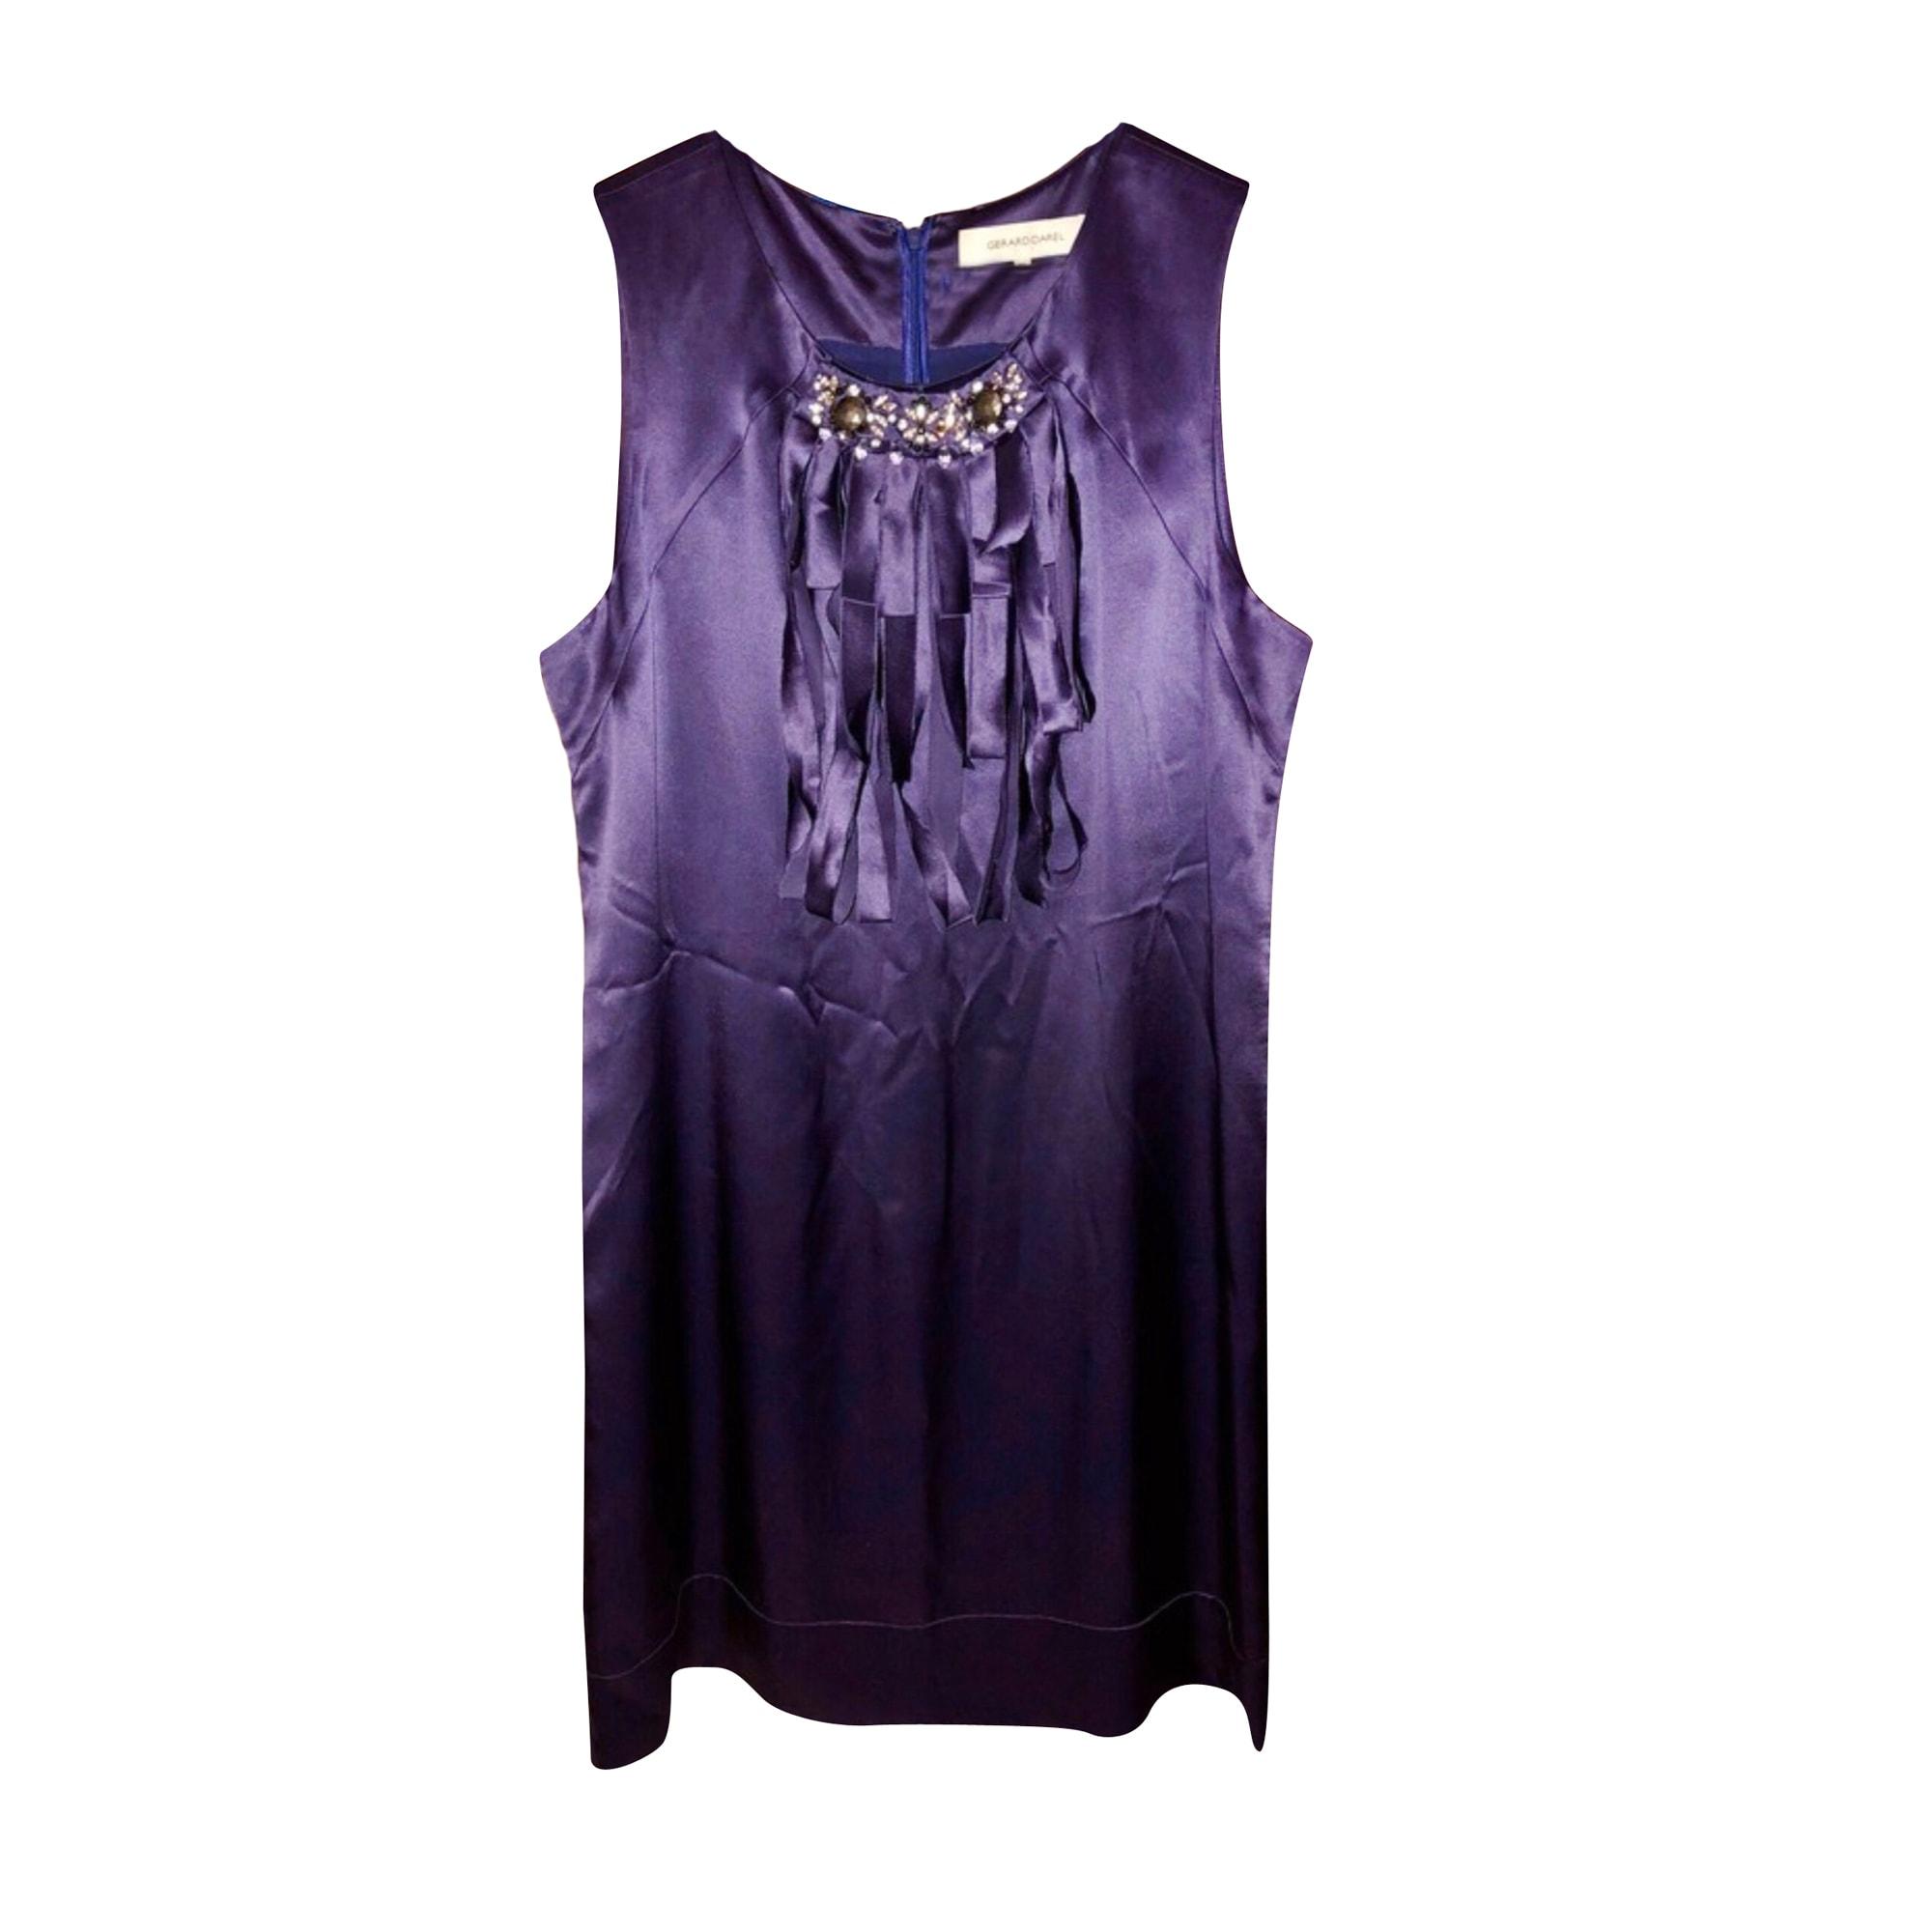 Robe courte GERARD DAREL Violet, mauve, lavande